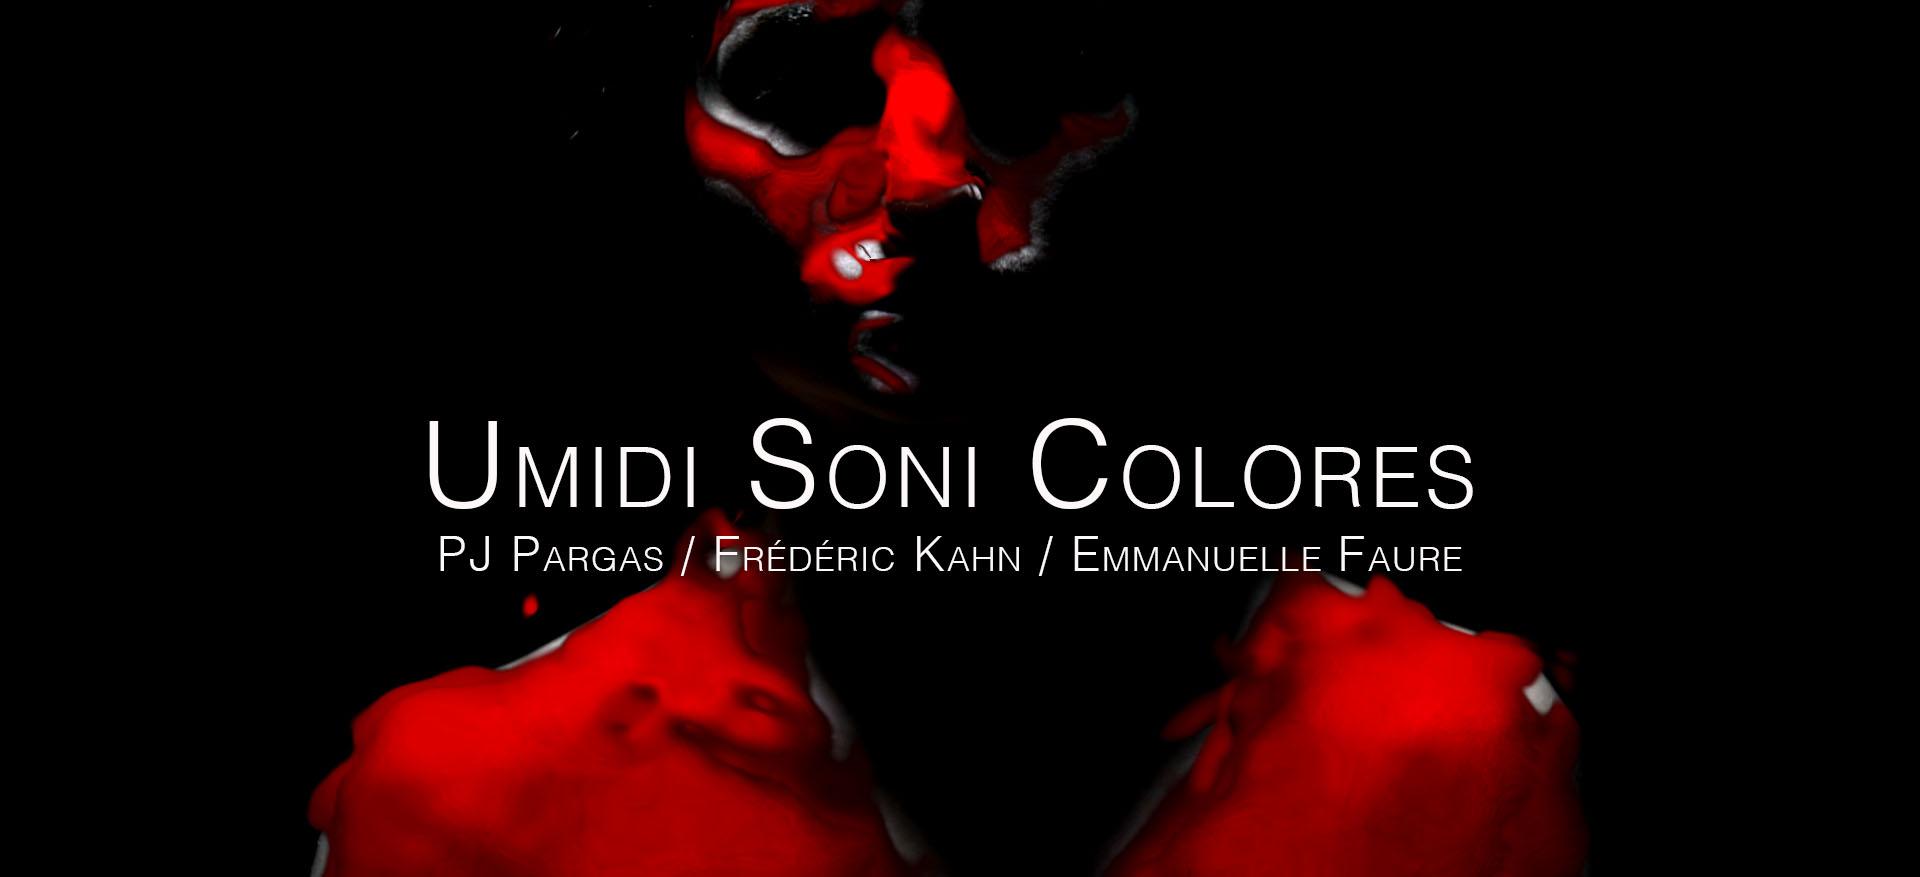 Umidi Soni Colores